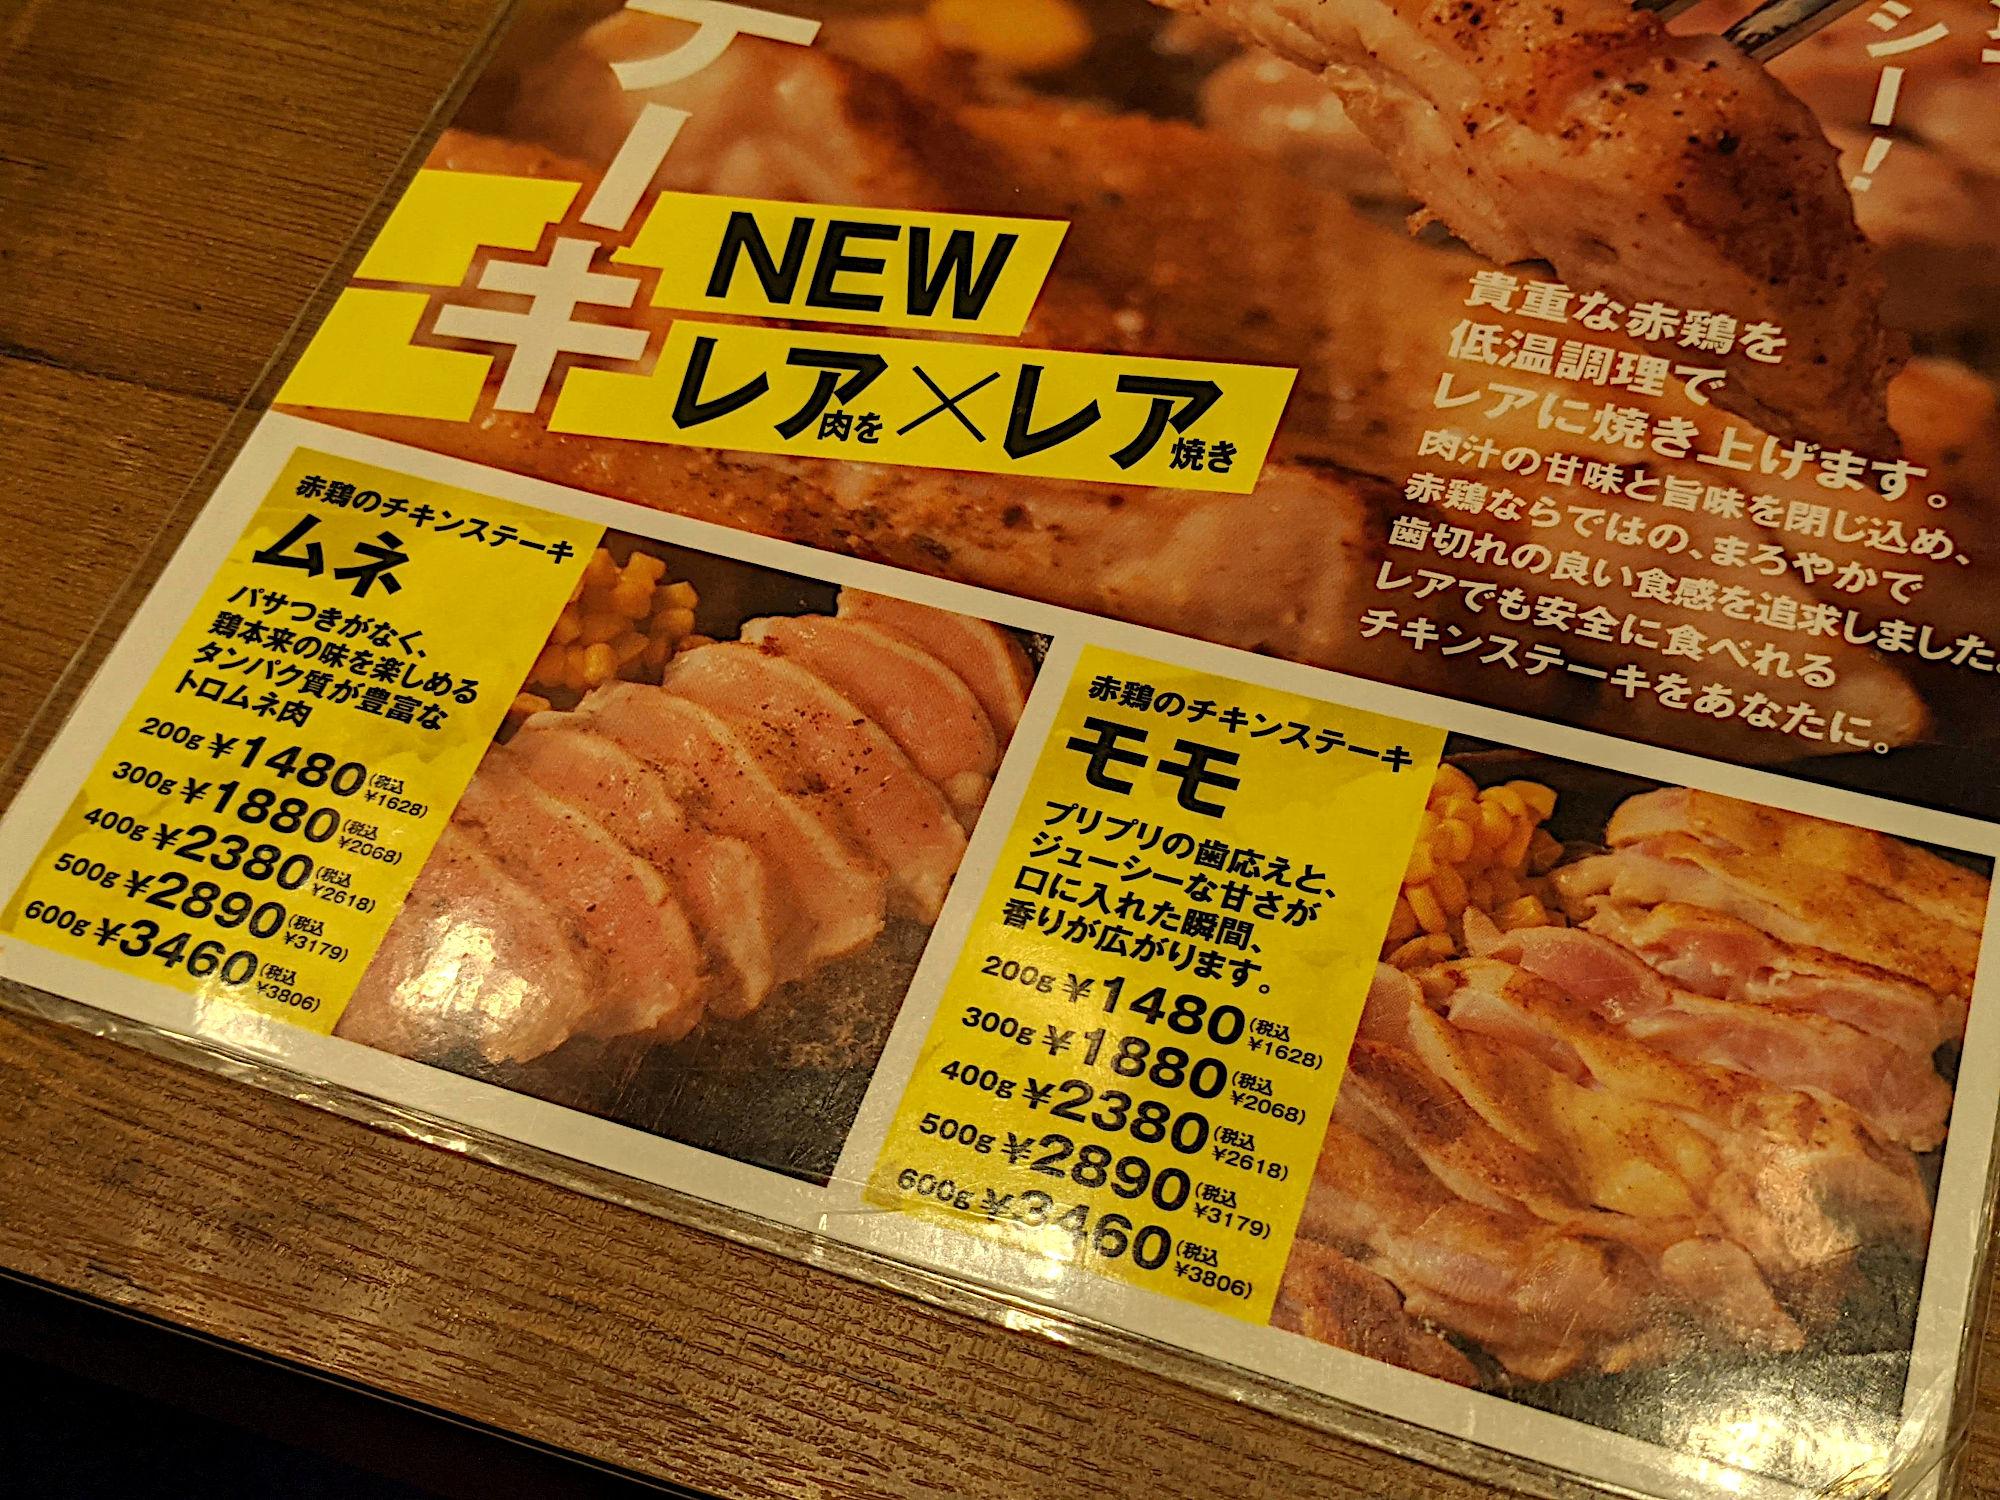 鶏肉のステーキメニュー